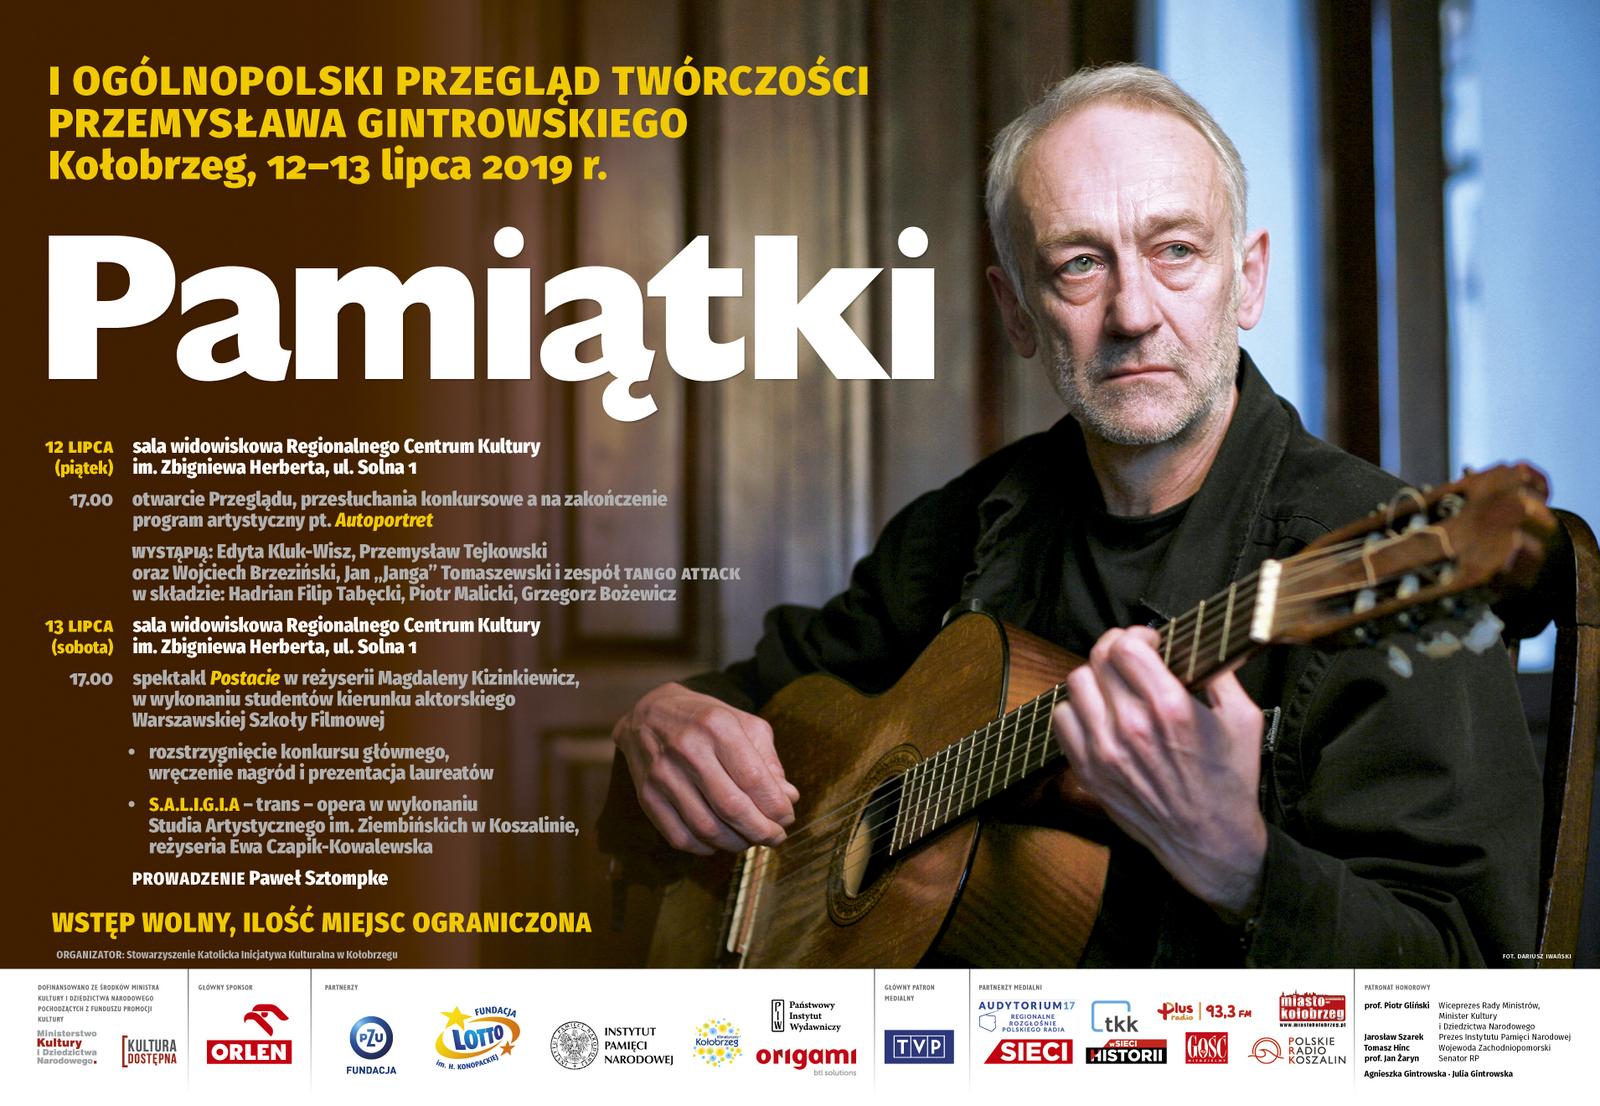 Przemysław Gintrowski [fot. Dariusz Iwański]